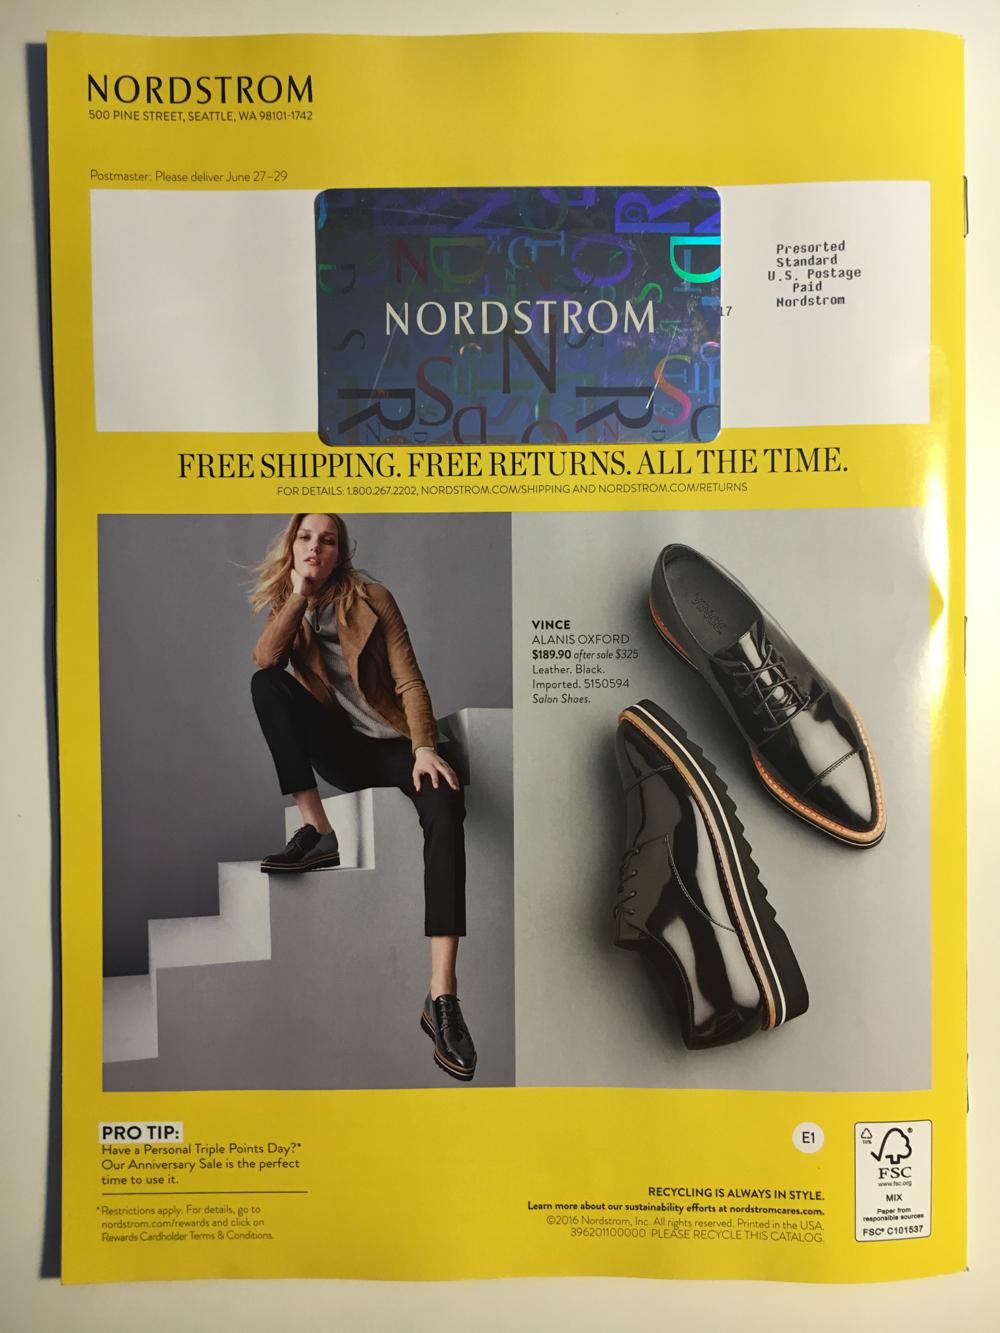 Nordstrom online shopping